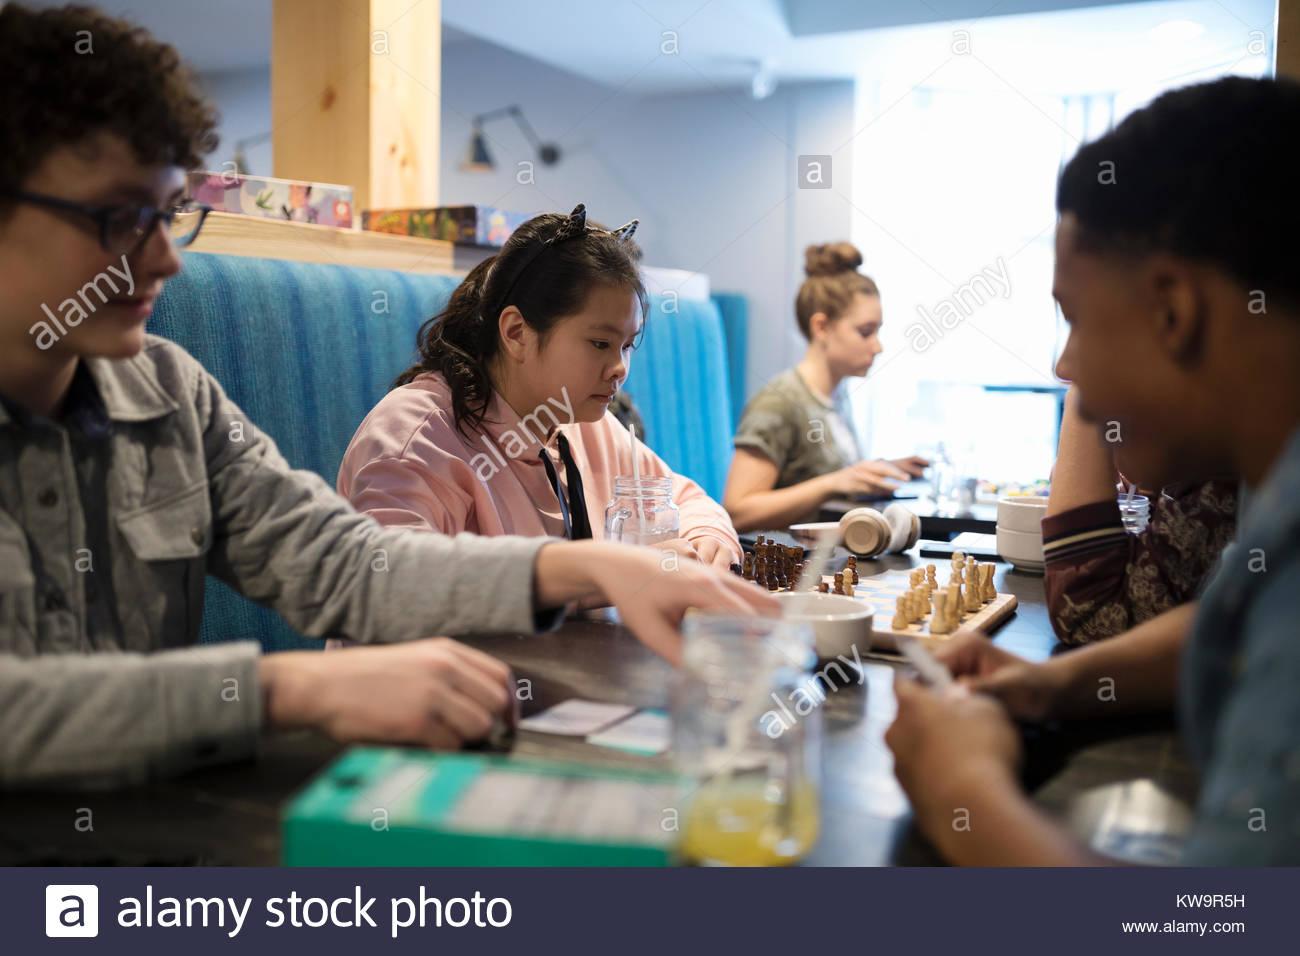 Interpolación de Asia centrado niña jugando al ajedrez con un amigo en el café la tabla Imagen De Stock